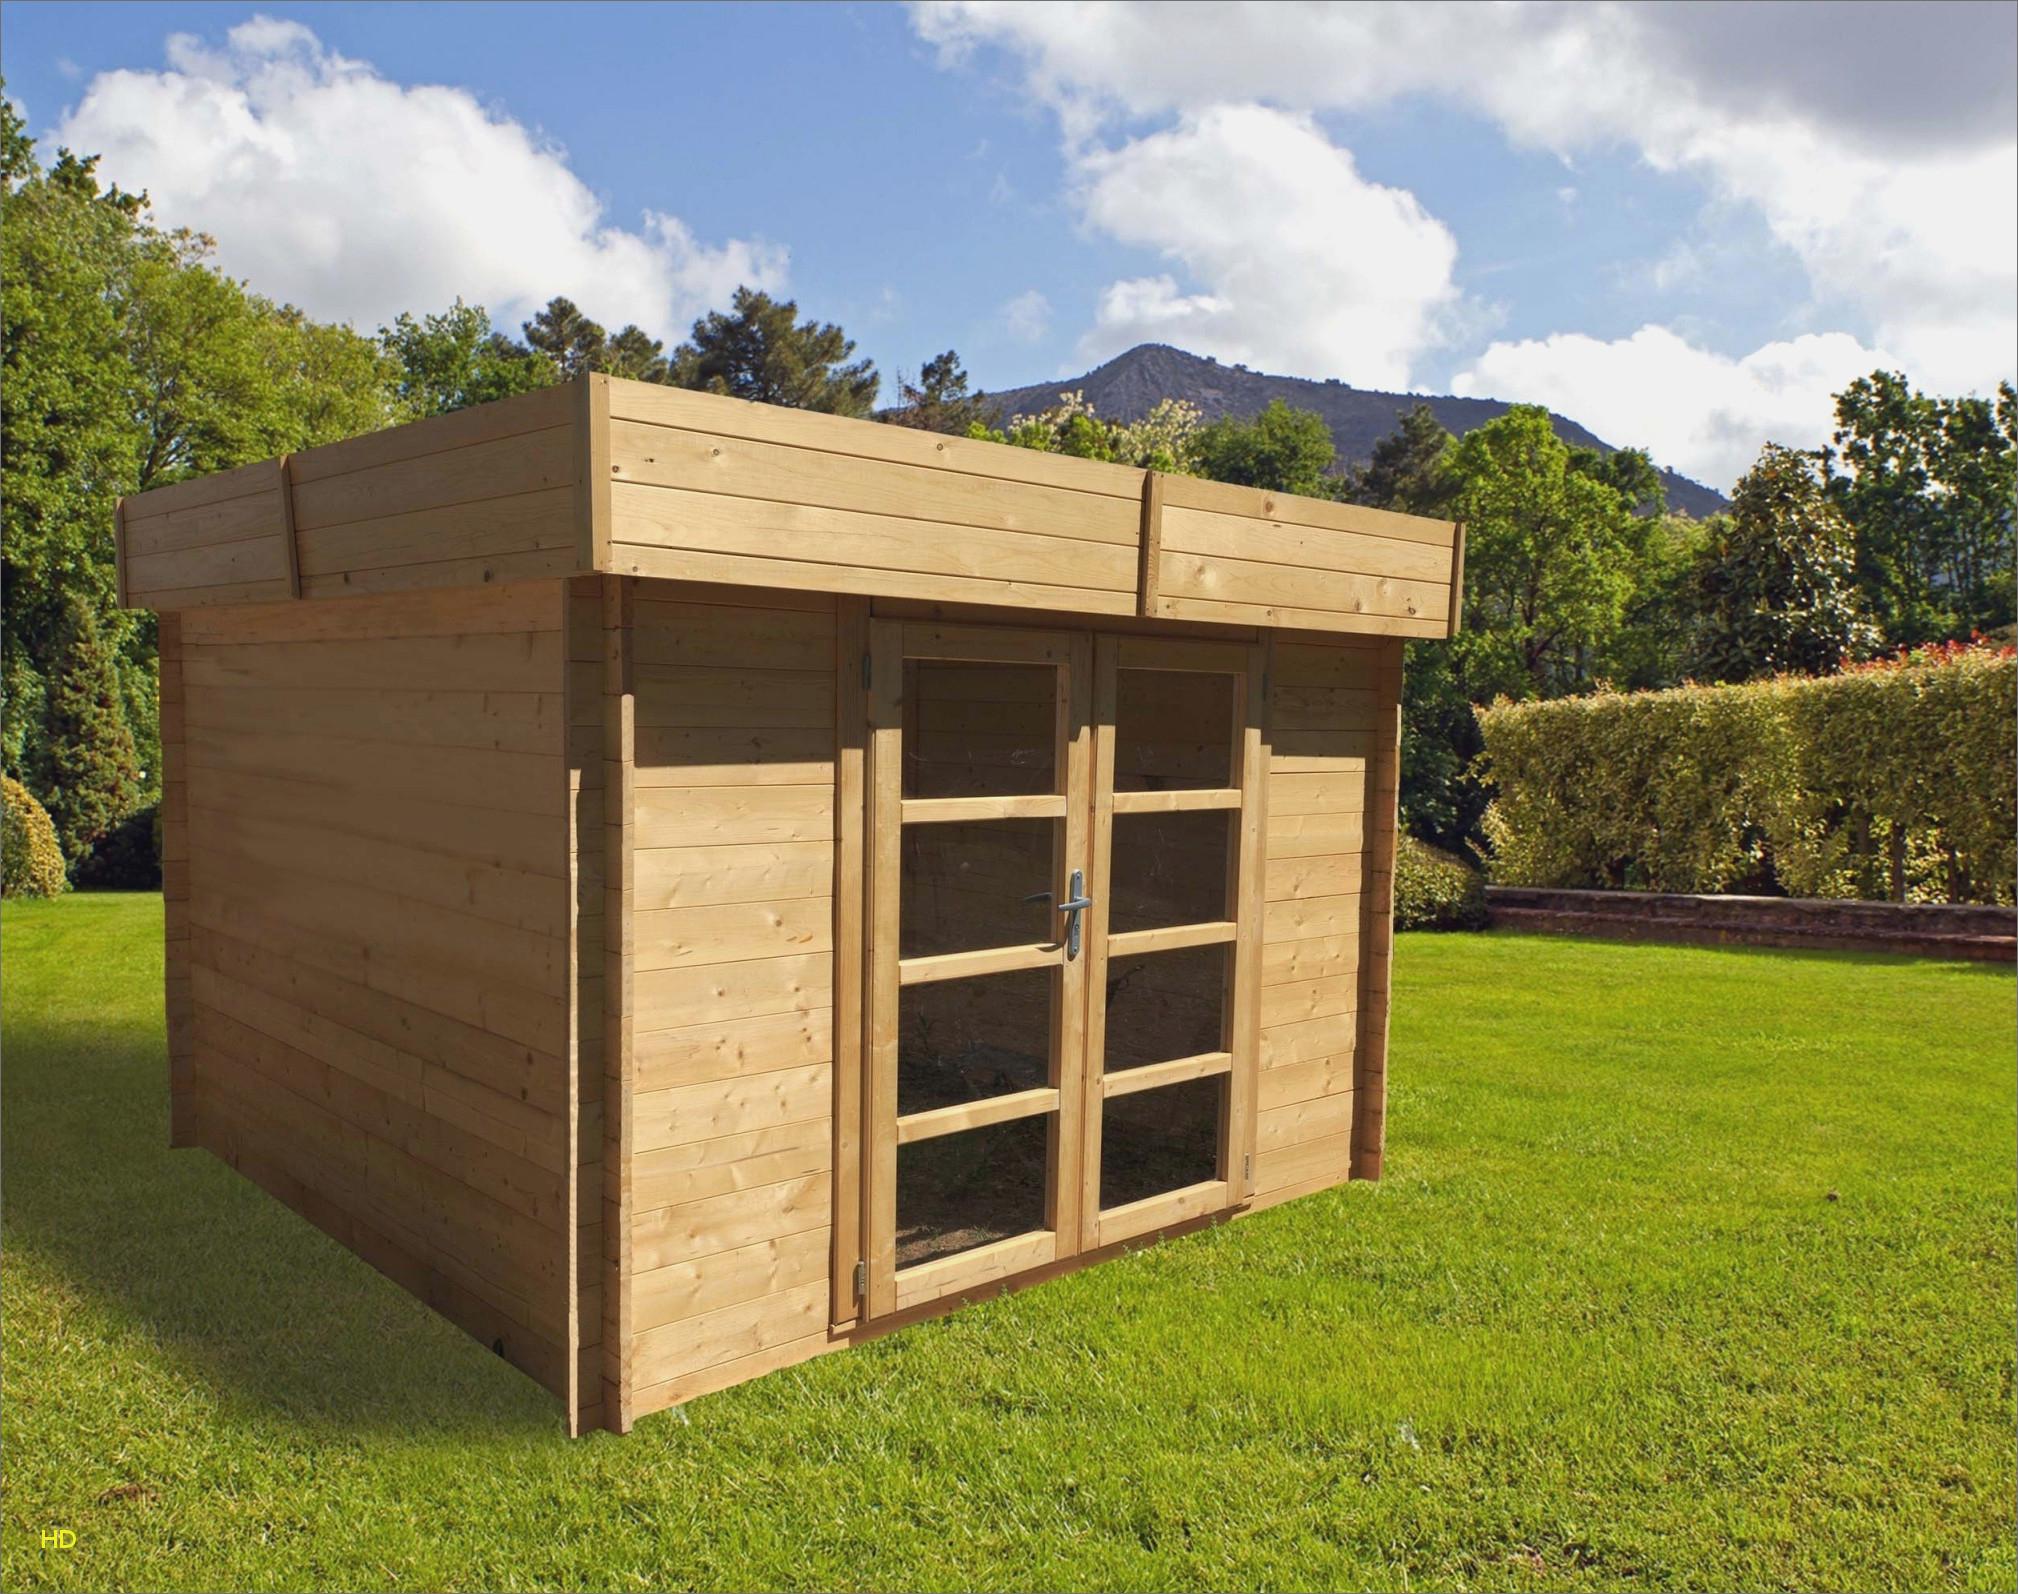 Cabanon Jardin Castorama Luxe Photos Luxe 40 De Castorama Abri De Jardin Concept